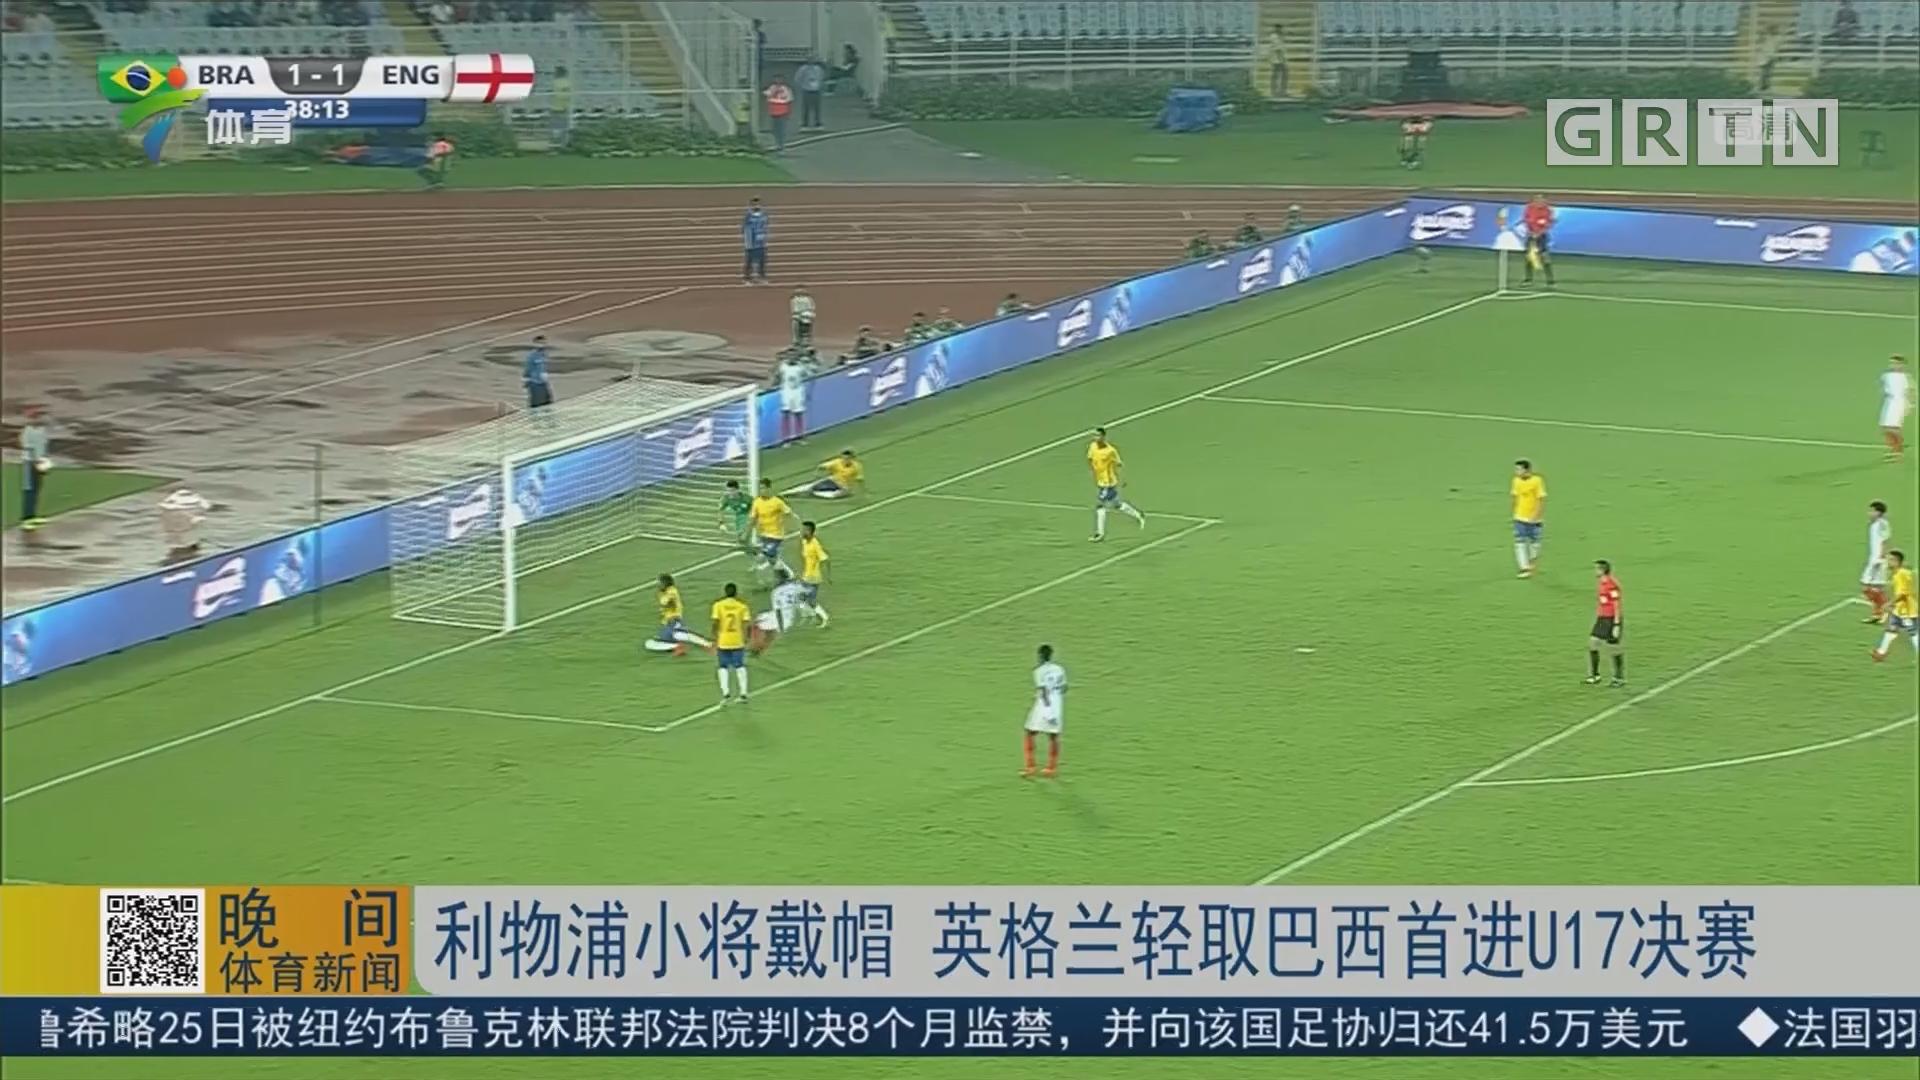 利物浦小将戴帽 英格兰轻取巴西首进U17决赛